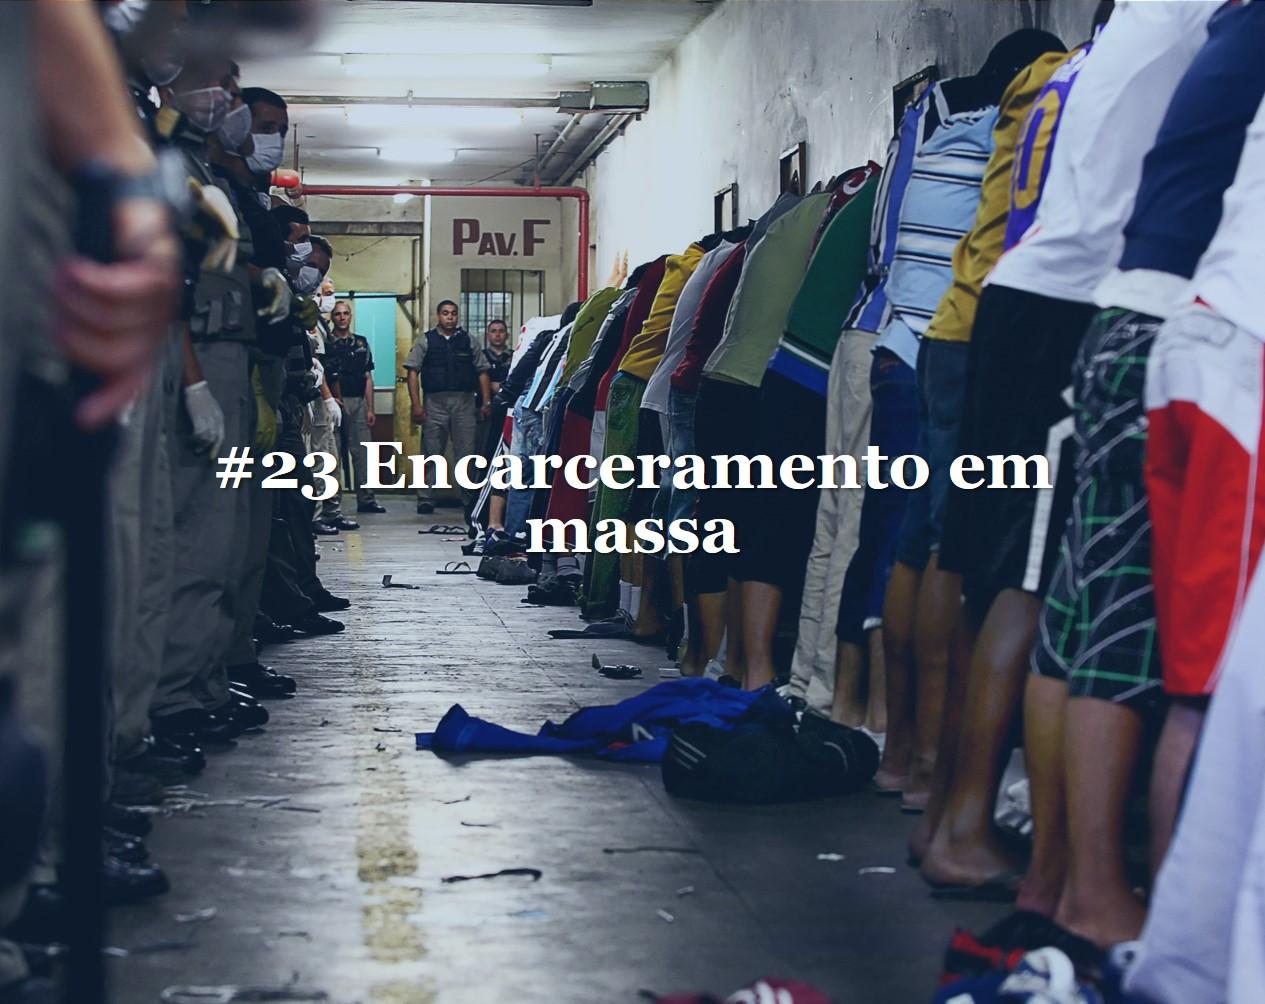 #23 - Encarceramento em massa site